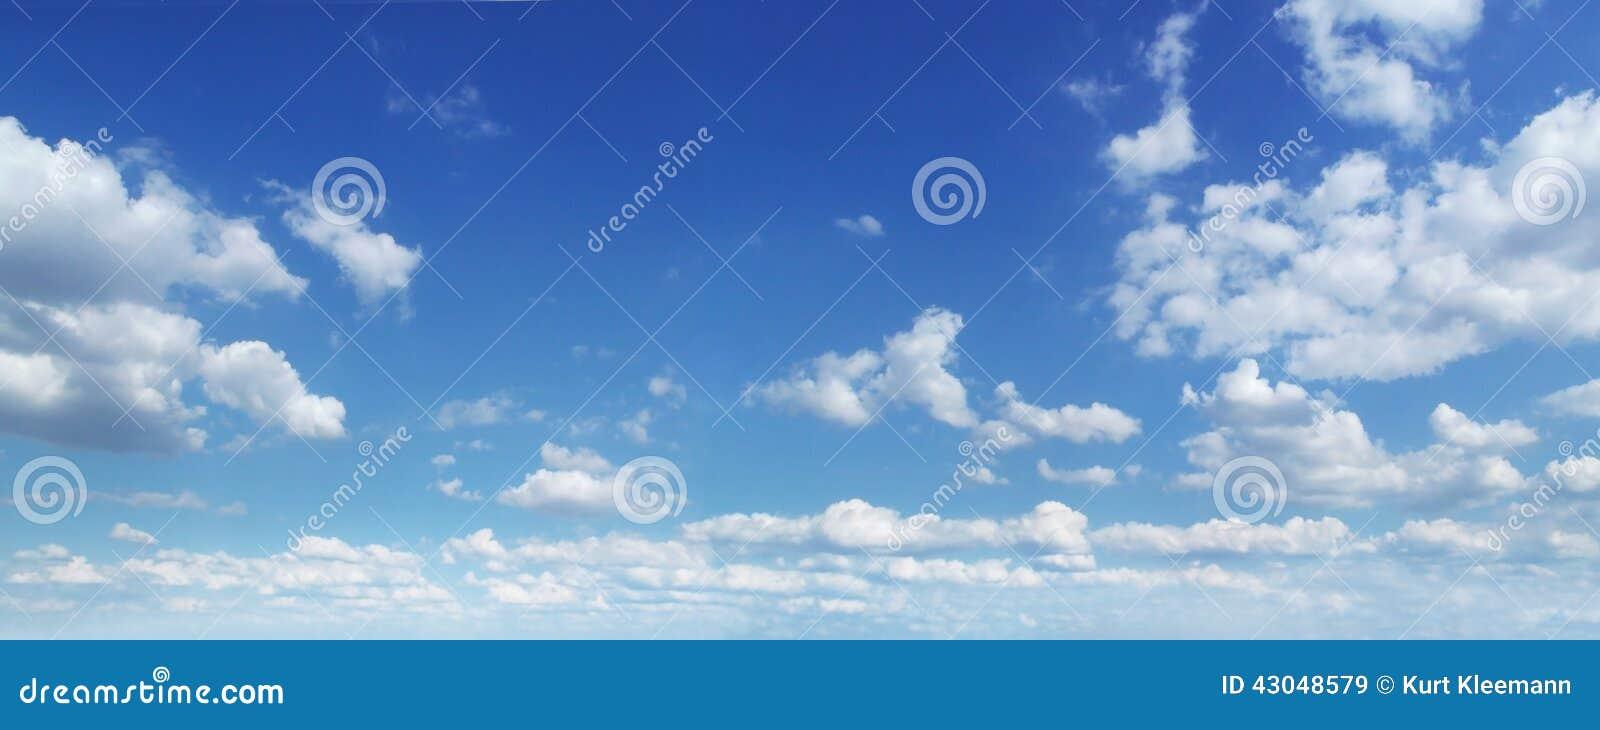 Cloudy sky panorama